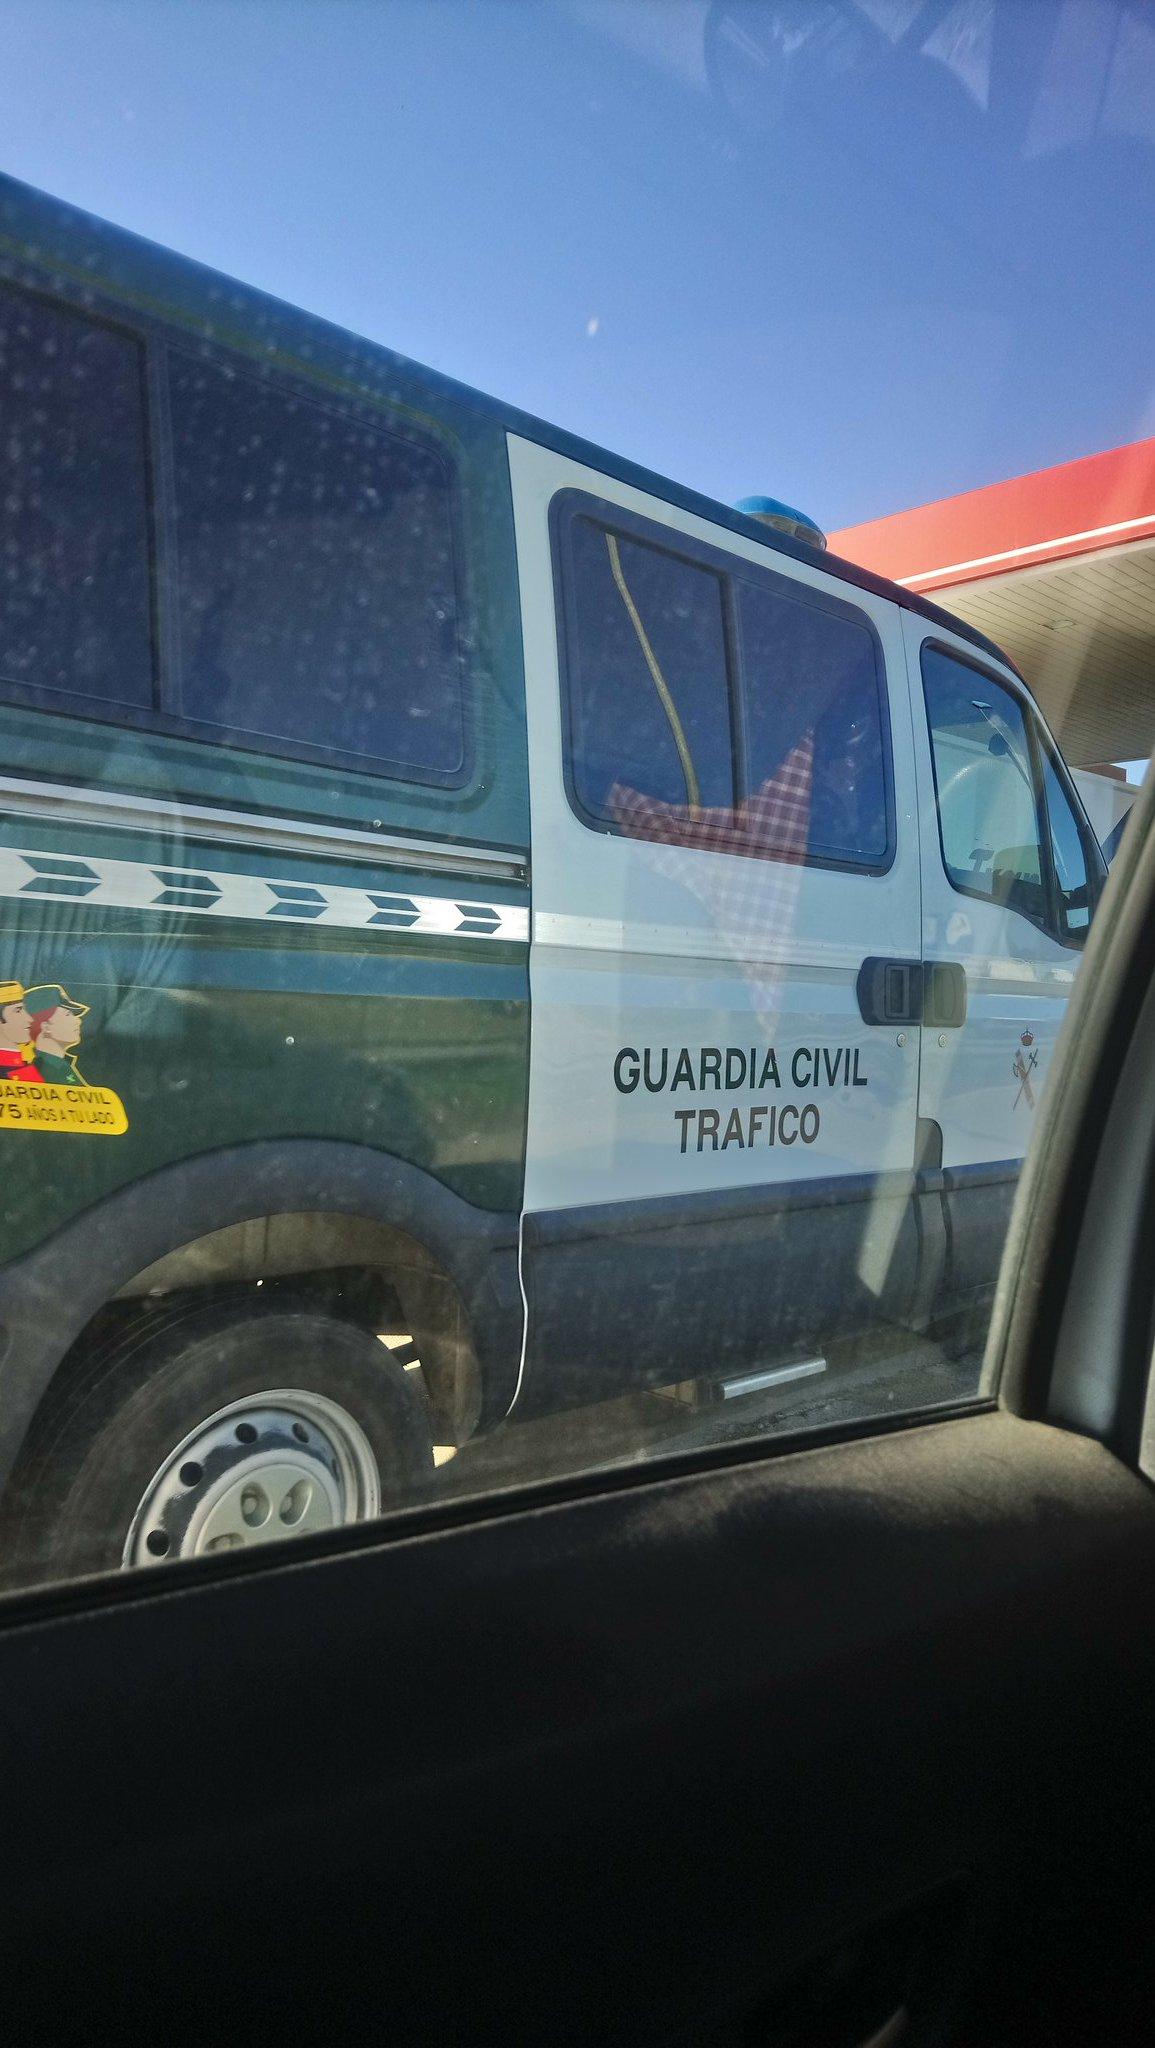 Patrulla de la Guardia Civil que detuvo a Hasel